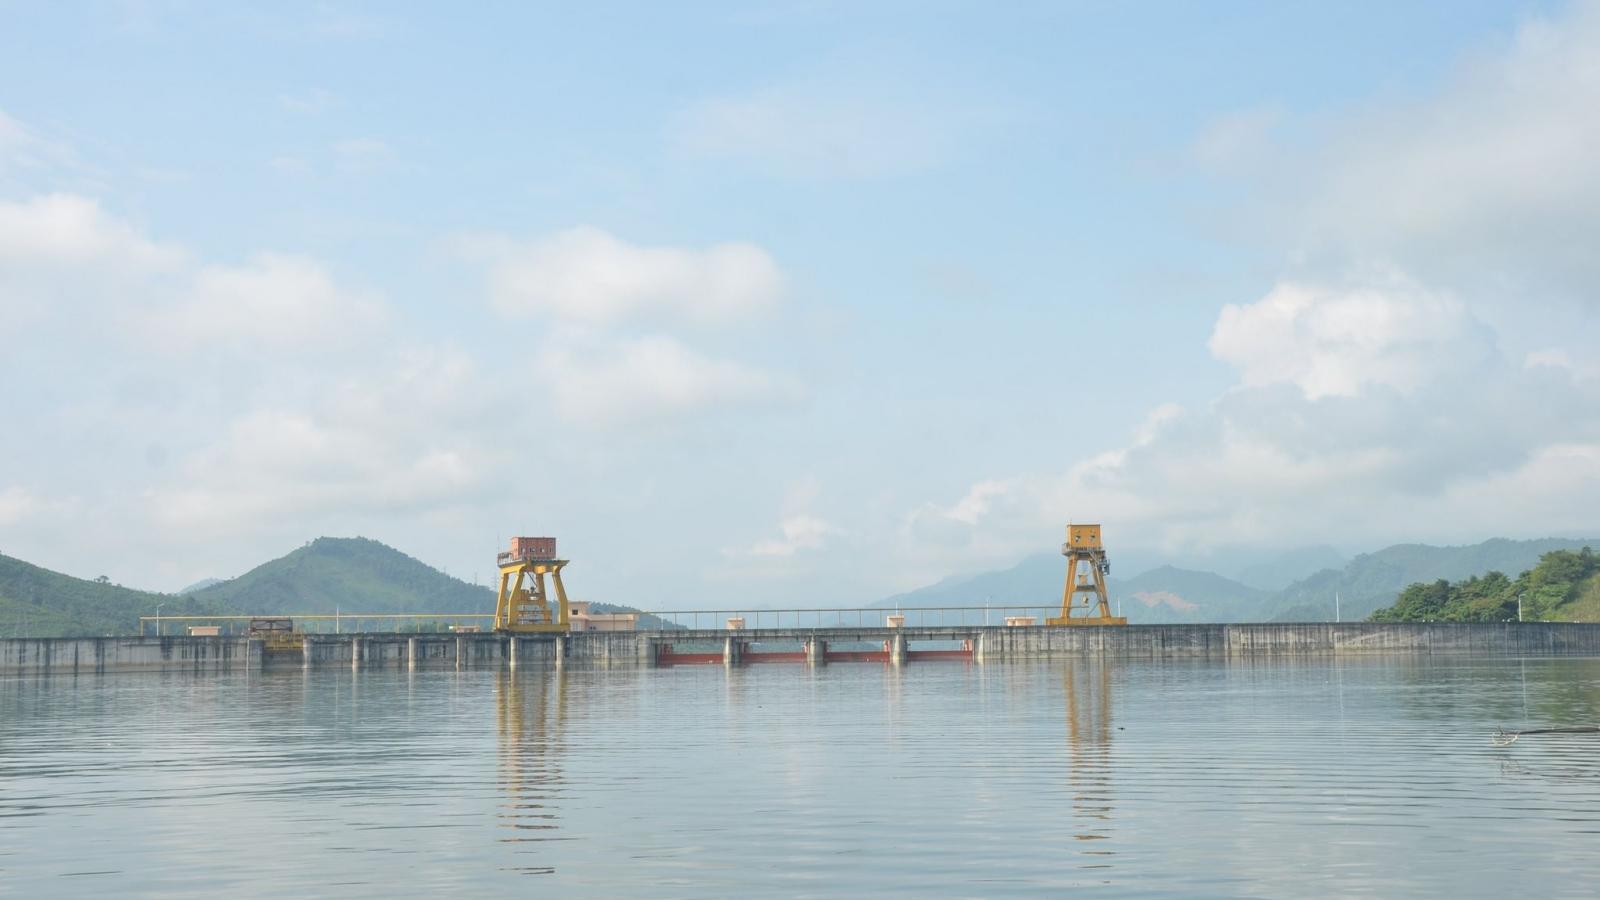 Mưa lũ khiến hồ Tuyên Quang mở khẩn cấp 1 cửa xả đáy